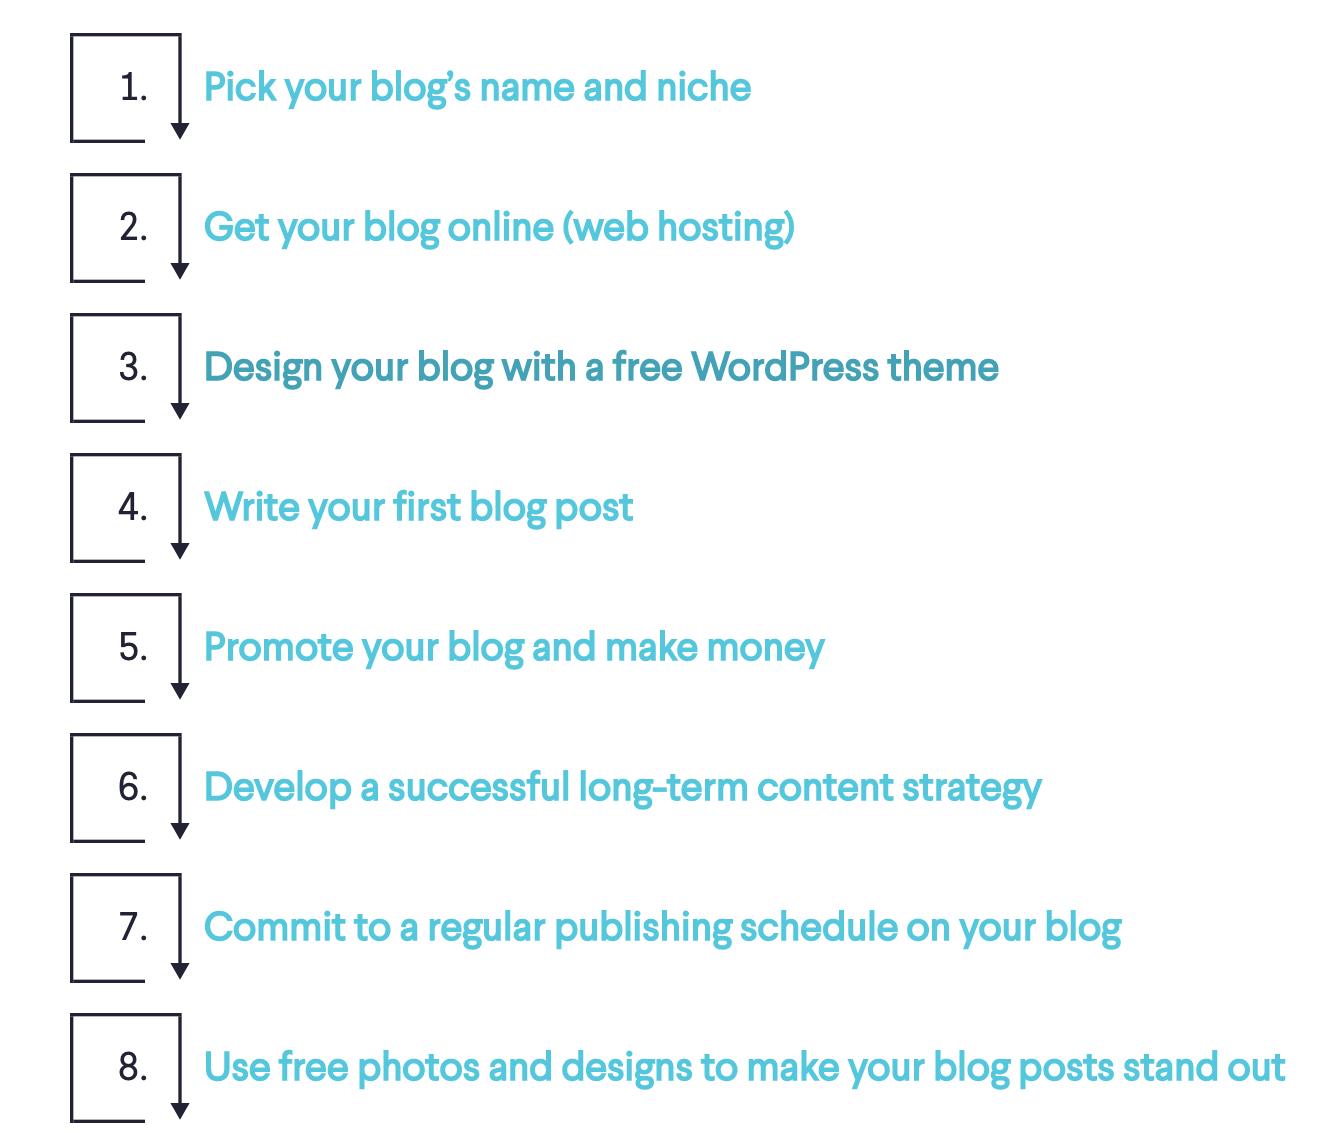 Uso de una tabla de contenido para mejorar el diseño de su blog y hacer que el contenido sea escaneable (captura de pantalla del menú)